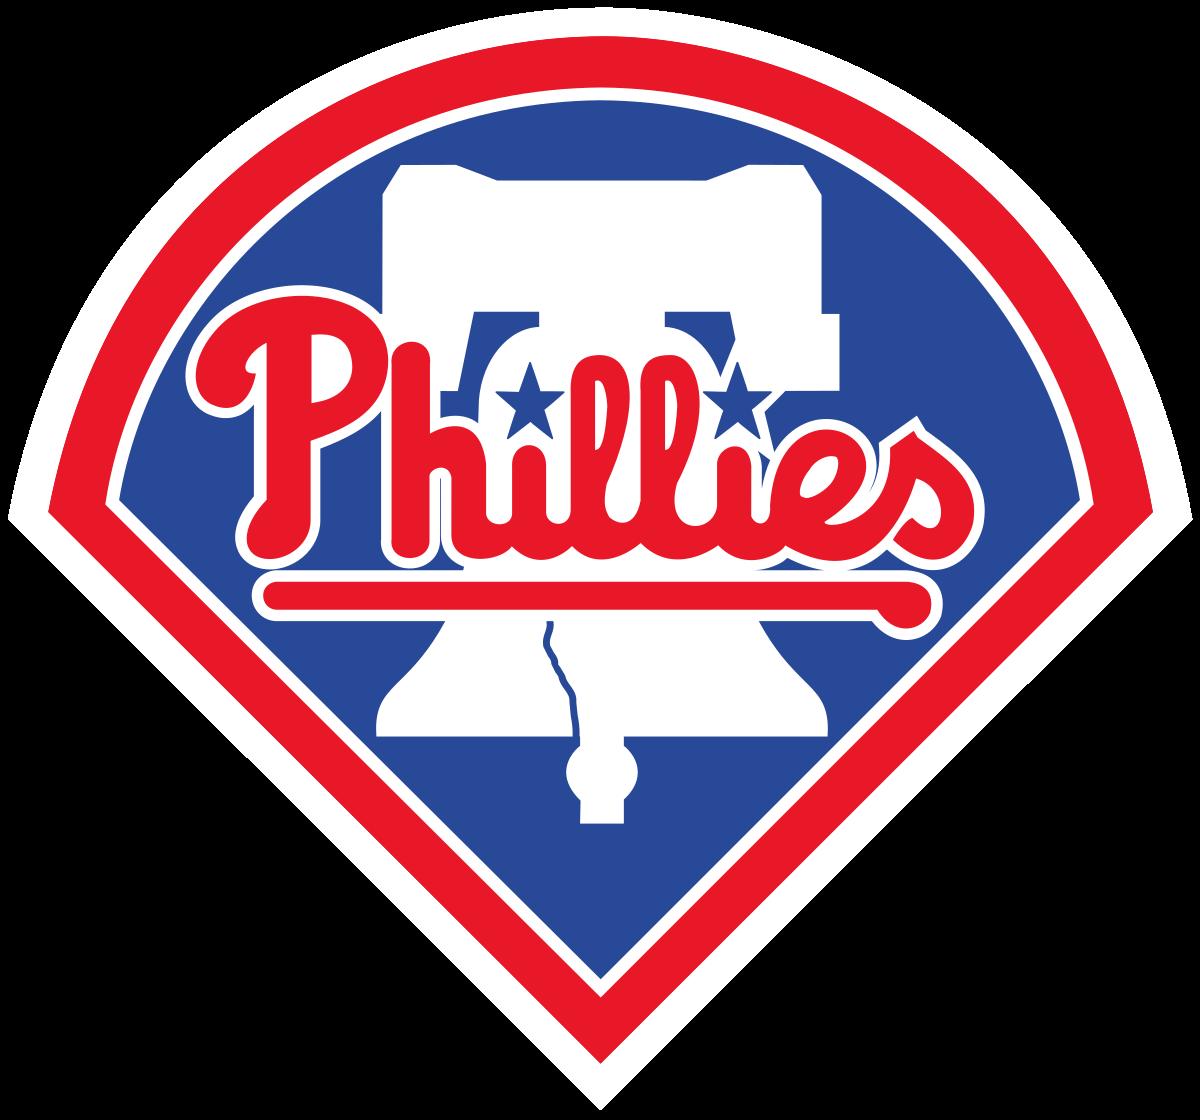 Phillies reveal new primary logo.